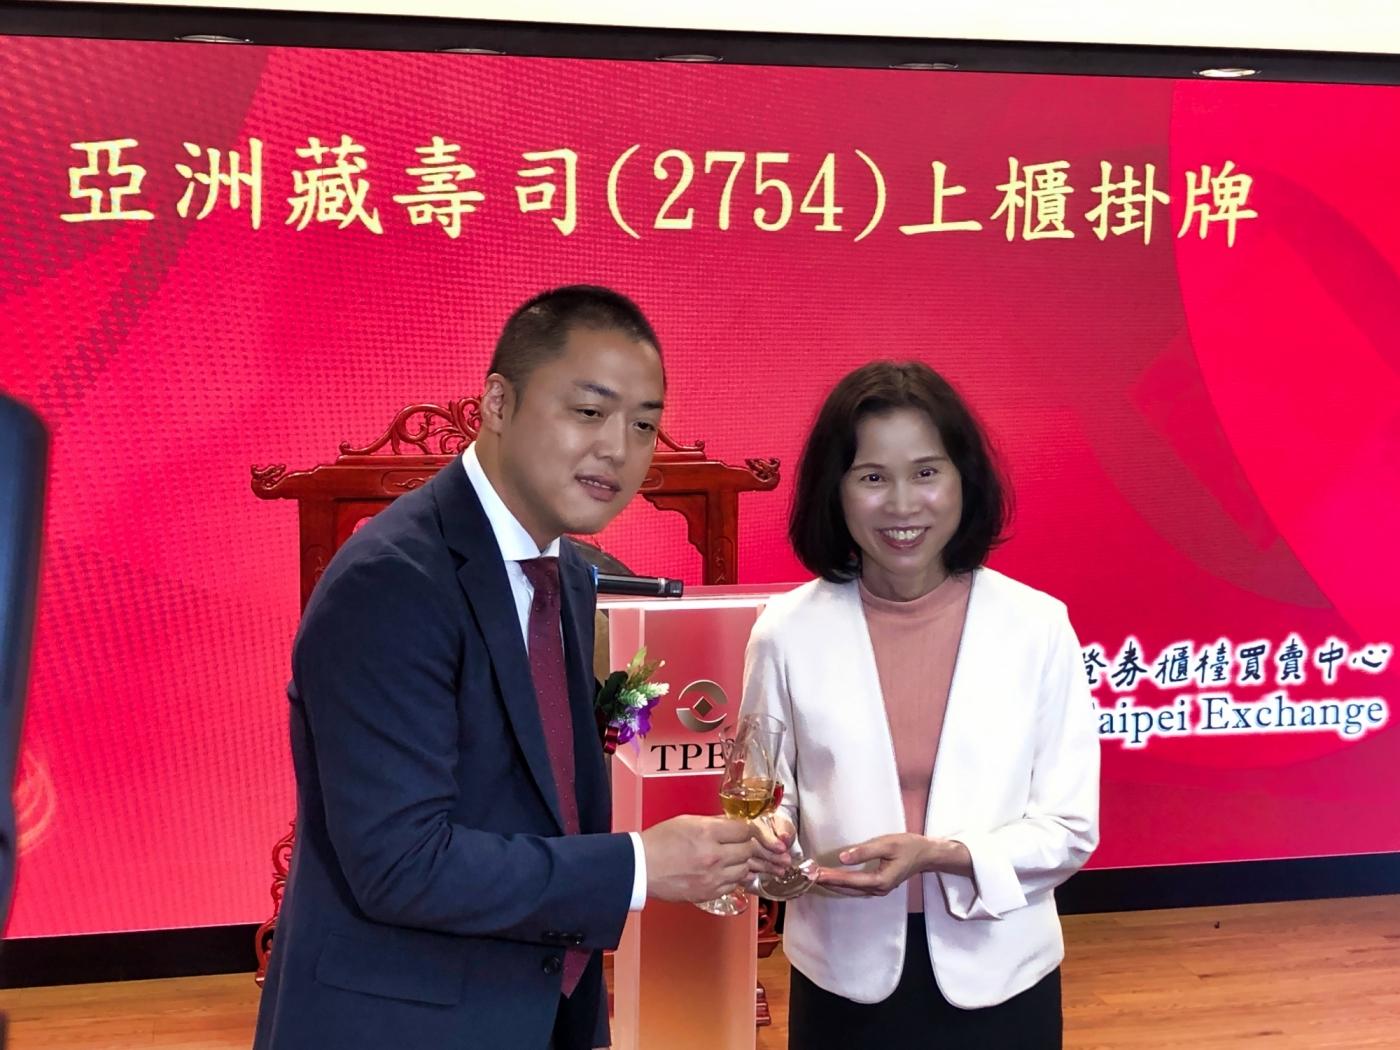 亞洲藏壽司掛牌上櫃,股價單日大漲96%!餐飲話題王未來有哪些觀察重點?